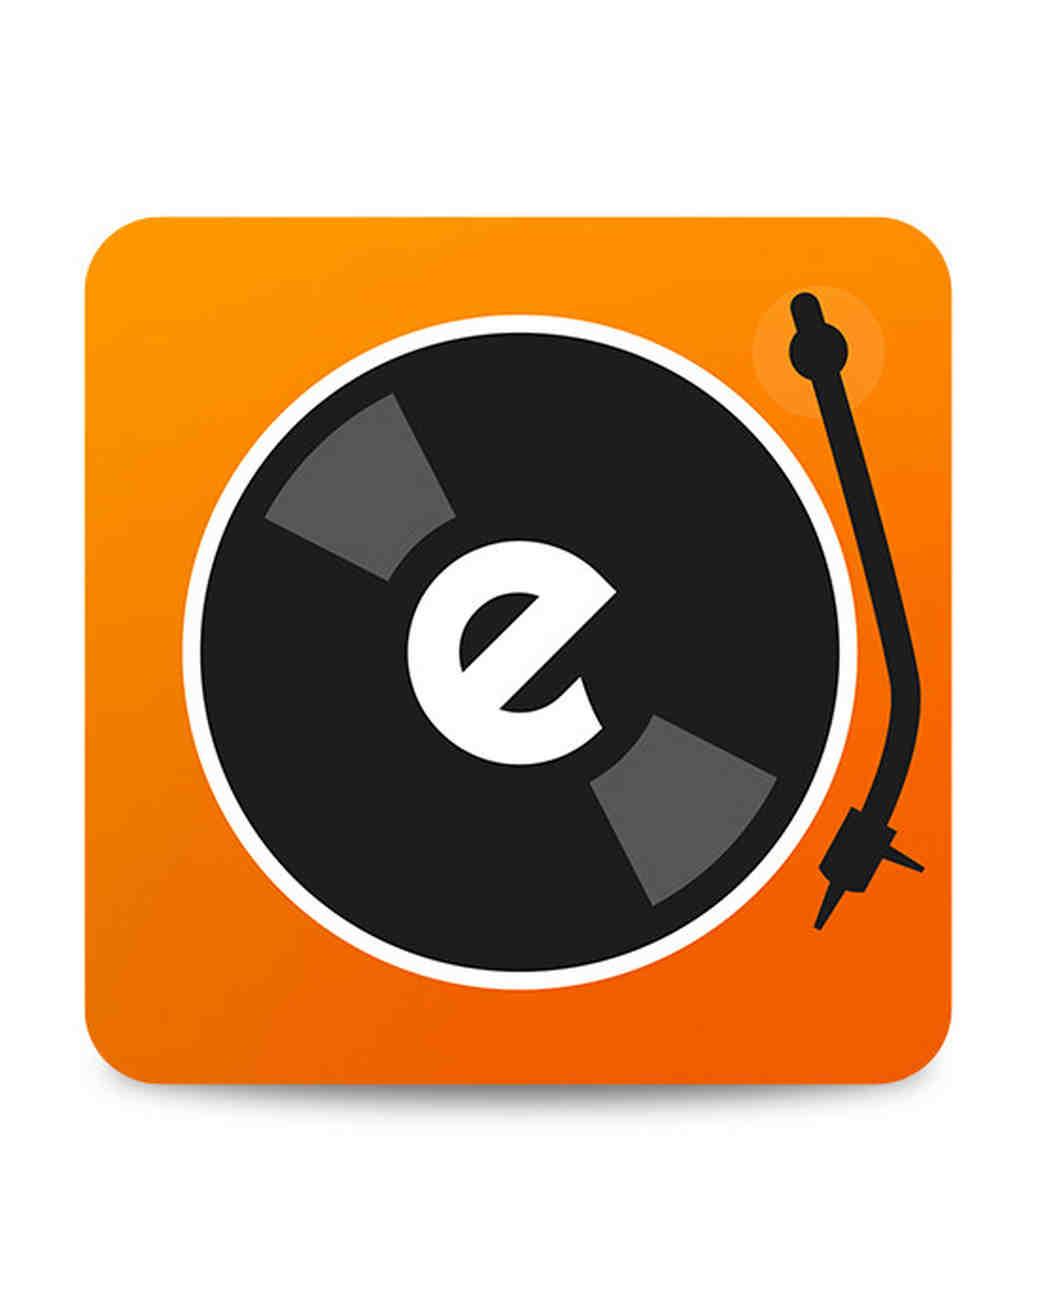 edging 5 app logo